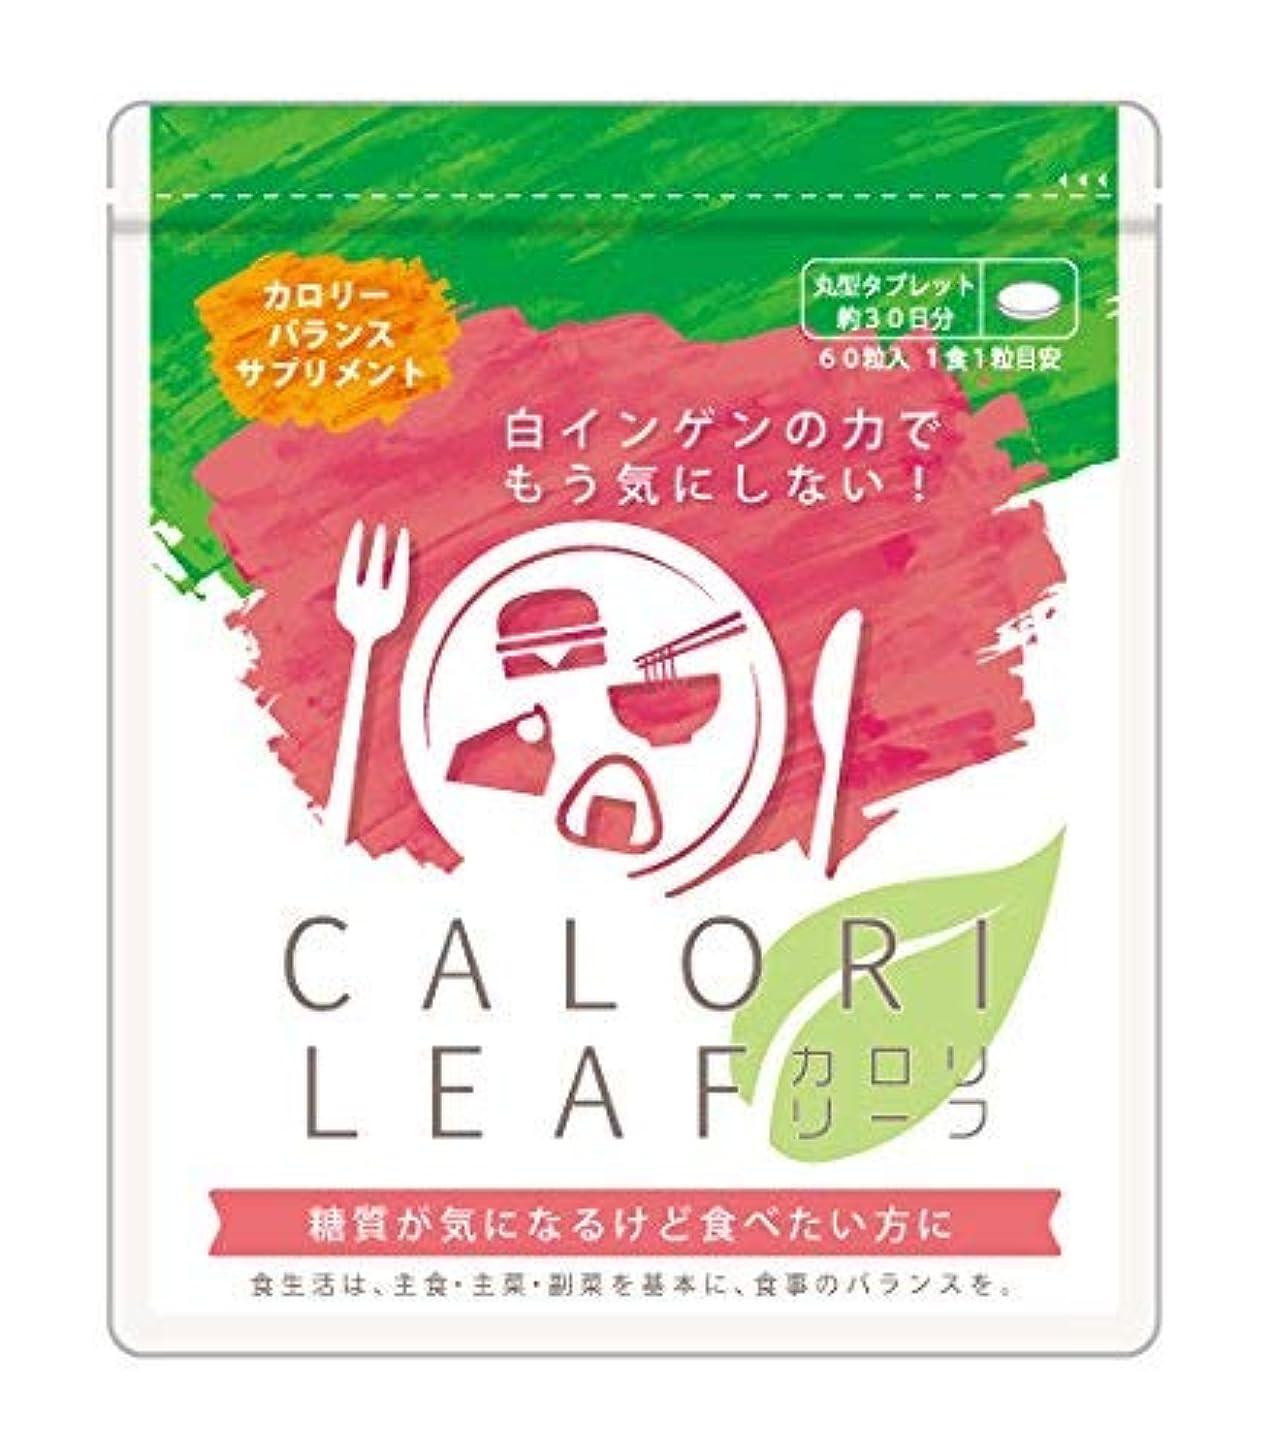 鰐かかわらず挽く【5袋セット】カロリリーフ 60粒入り (30日分)